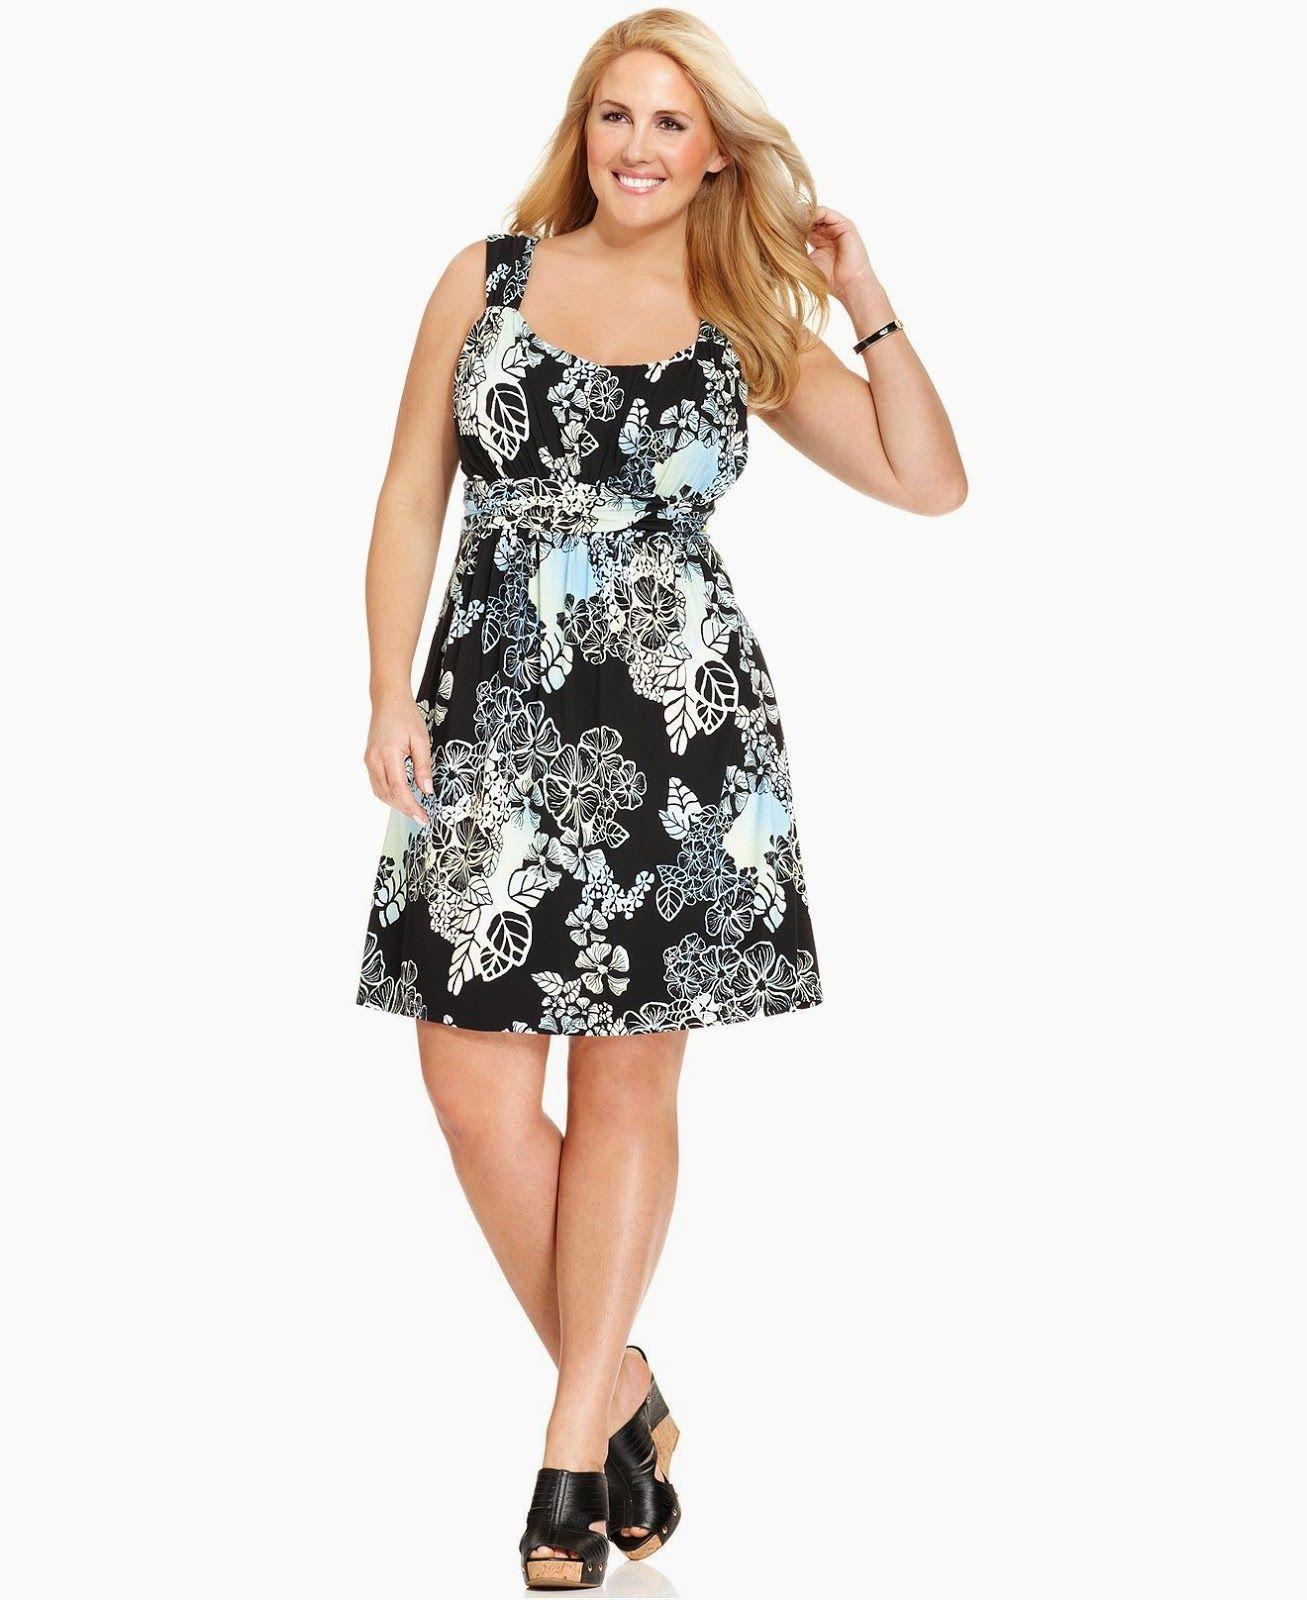 e1041db25d Hermosos vestidos de moda para mujeres gorditas